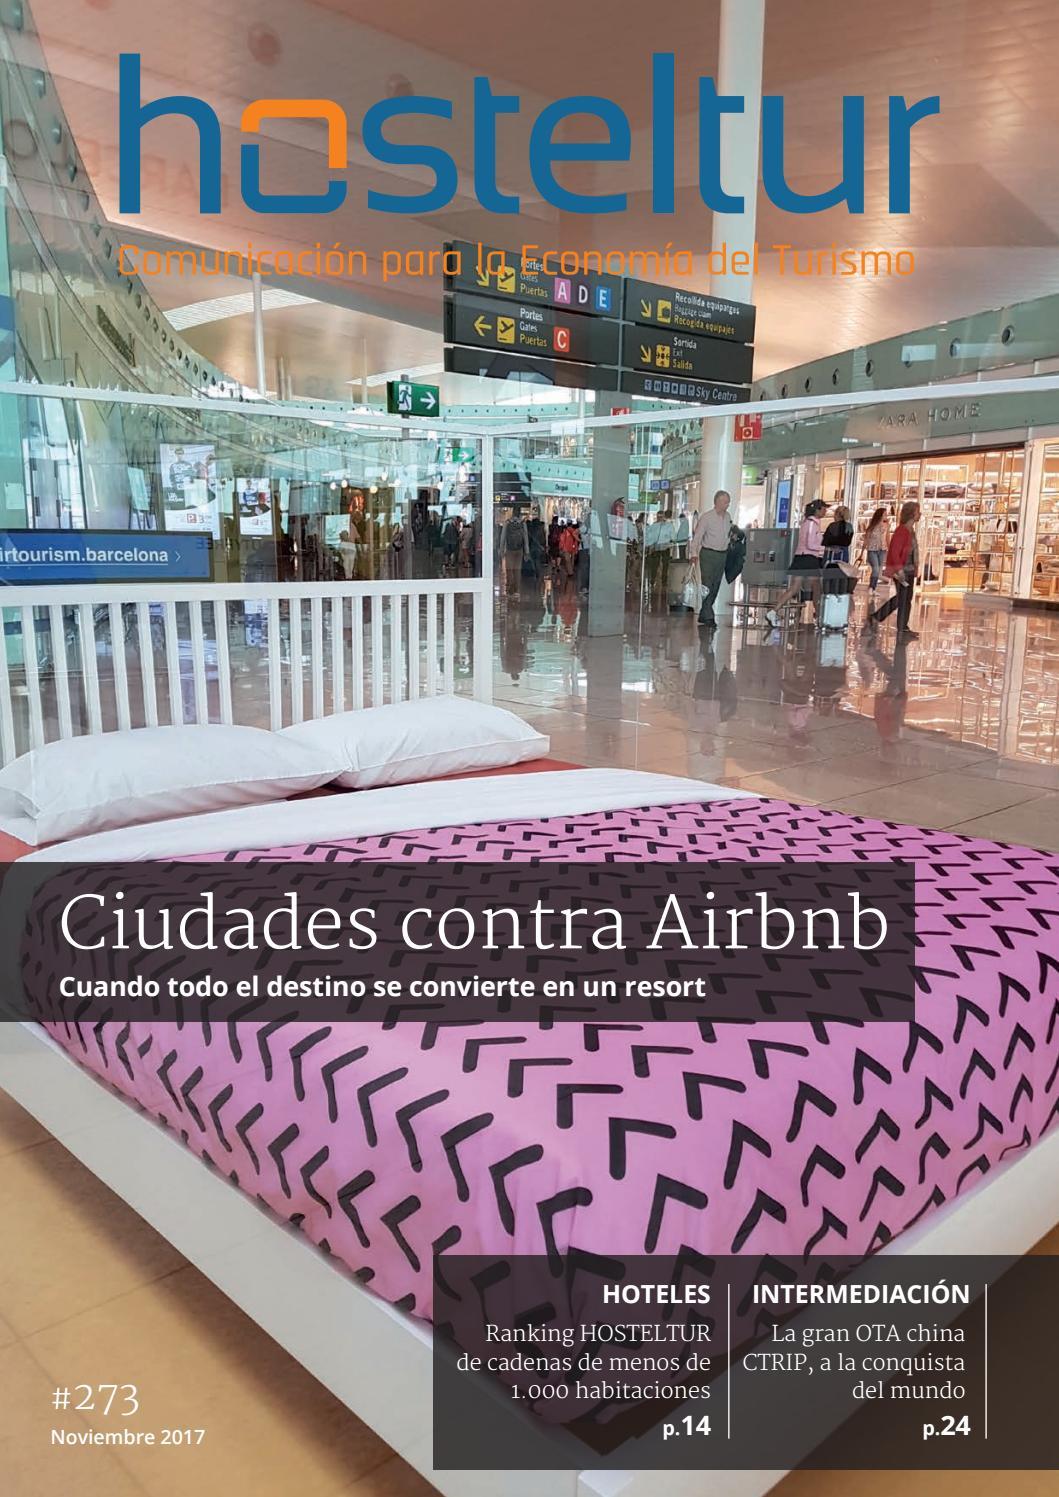 Hosteltur 273 - Ciudades contra Airbnb by hosteltur 2017 - issuu 2ac6b81809f